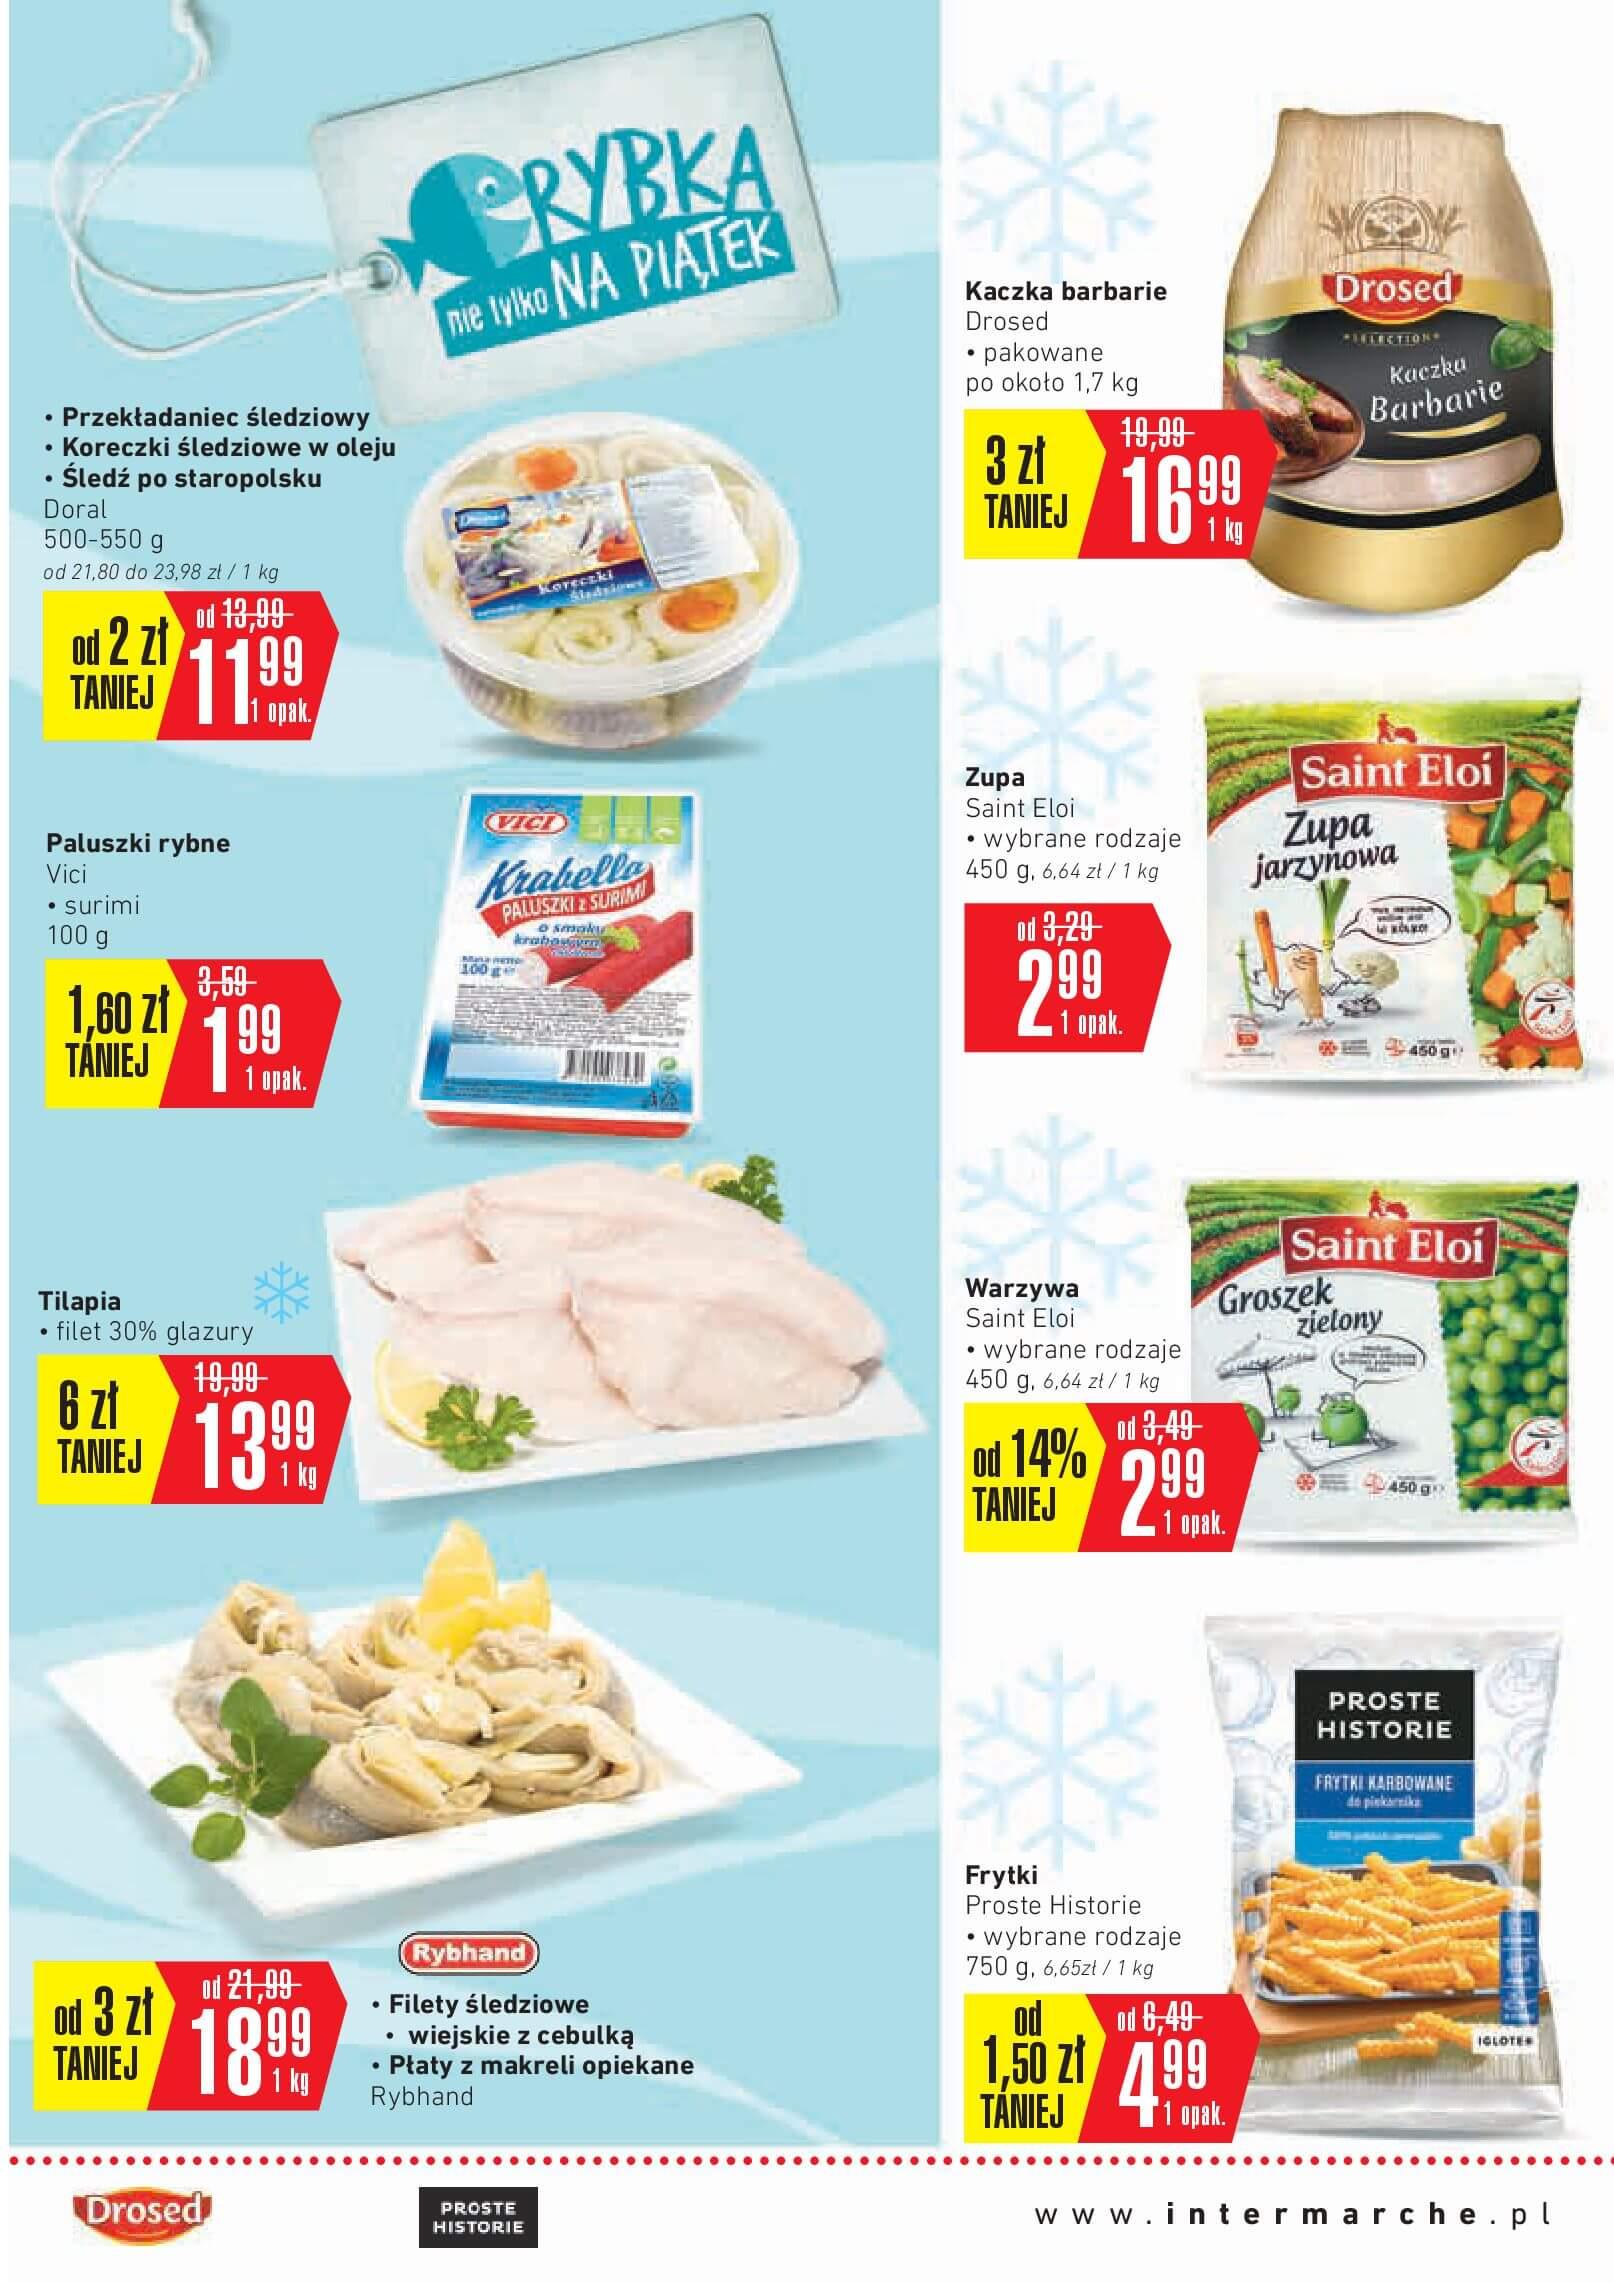 Gazetka Intermarché - Oferta na artykuły spożywcze-11.02.2019-18.02.2019-page-